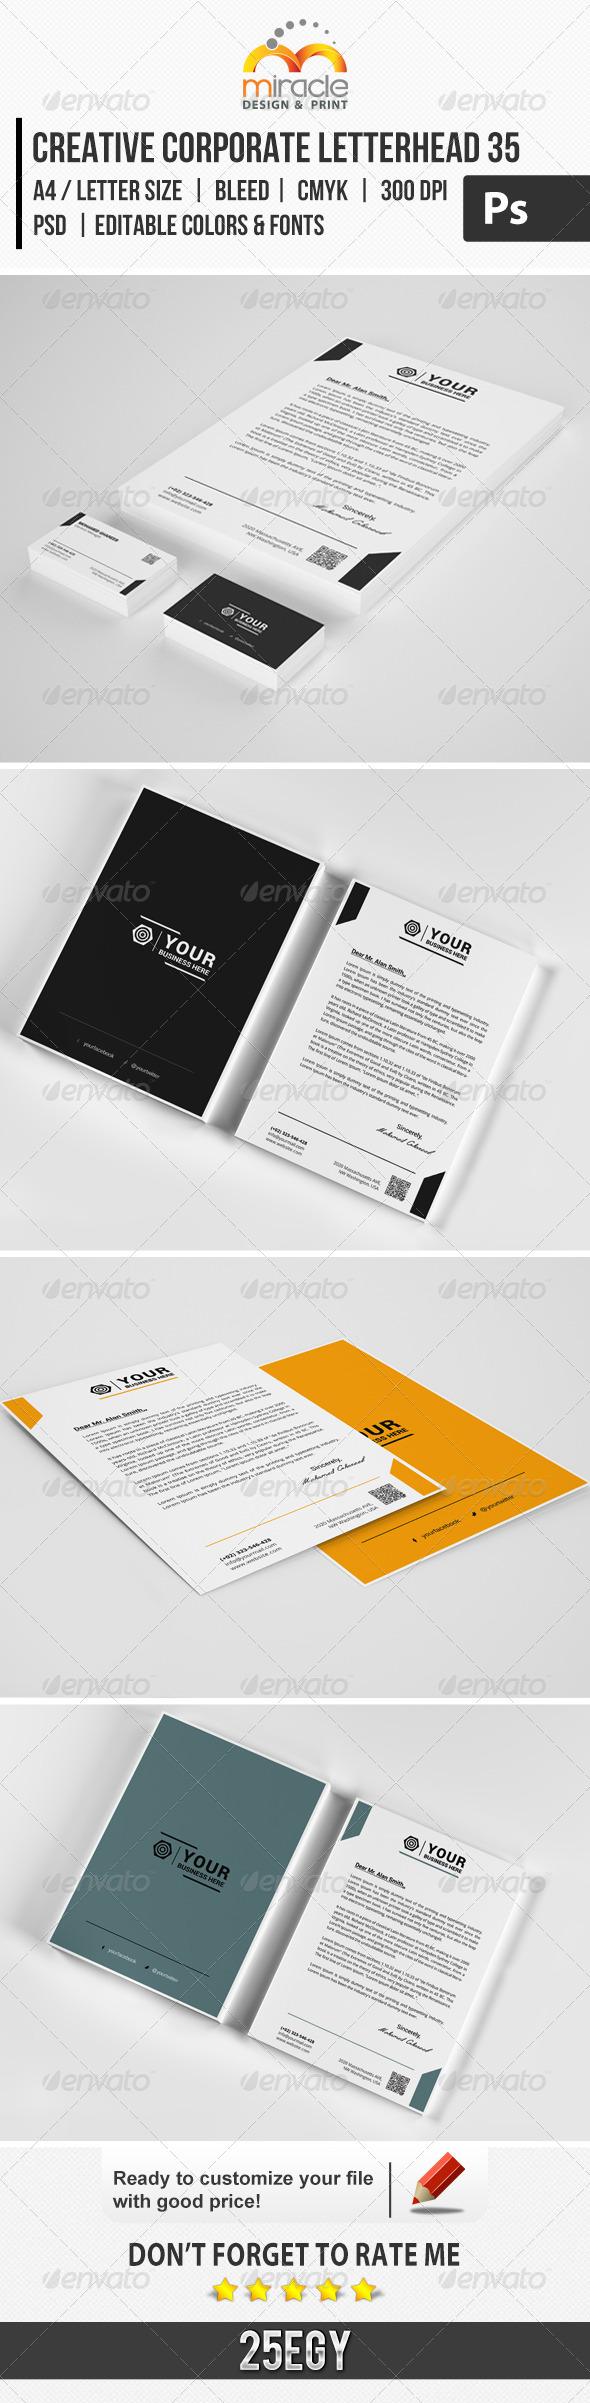 GraphicRiver Creative Corporate Letterhead 35 7303398